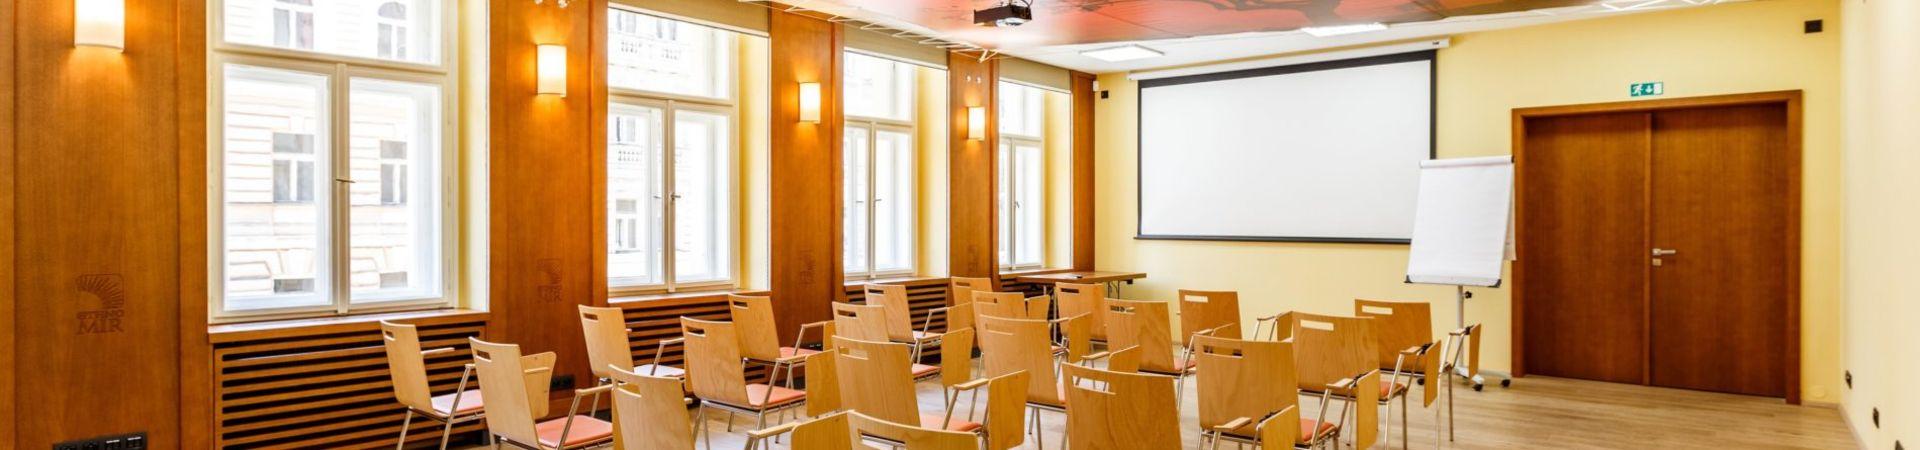 Etnosvět - Konferenční prostory Etnosvět